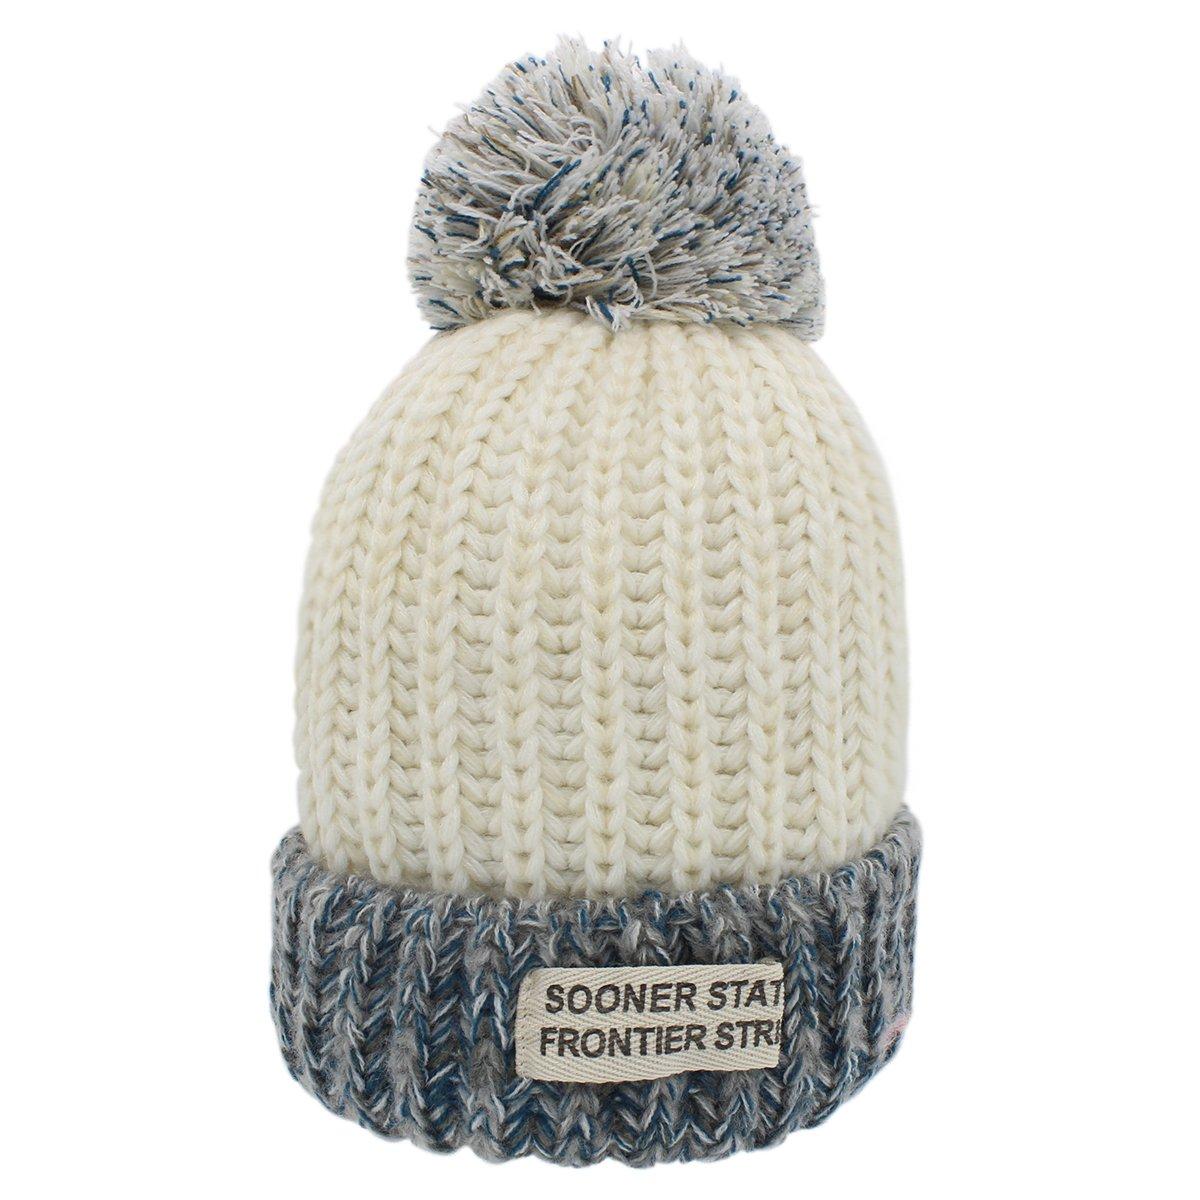 Sombreros de invierno para mujer - YOPINDO Bobble sombrero para mujer Tejer  gorros de lana Snowboard b1a04aba04c